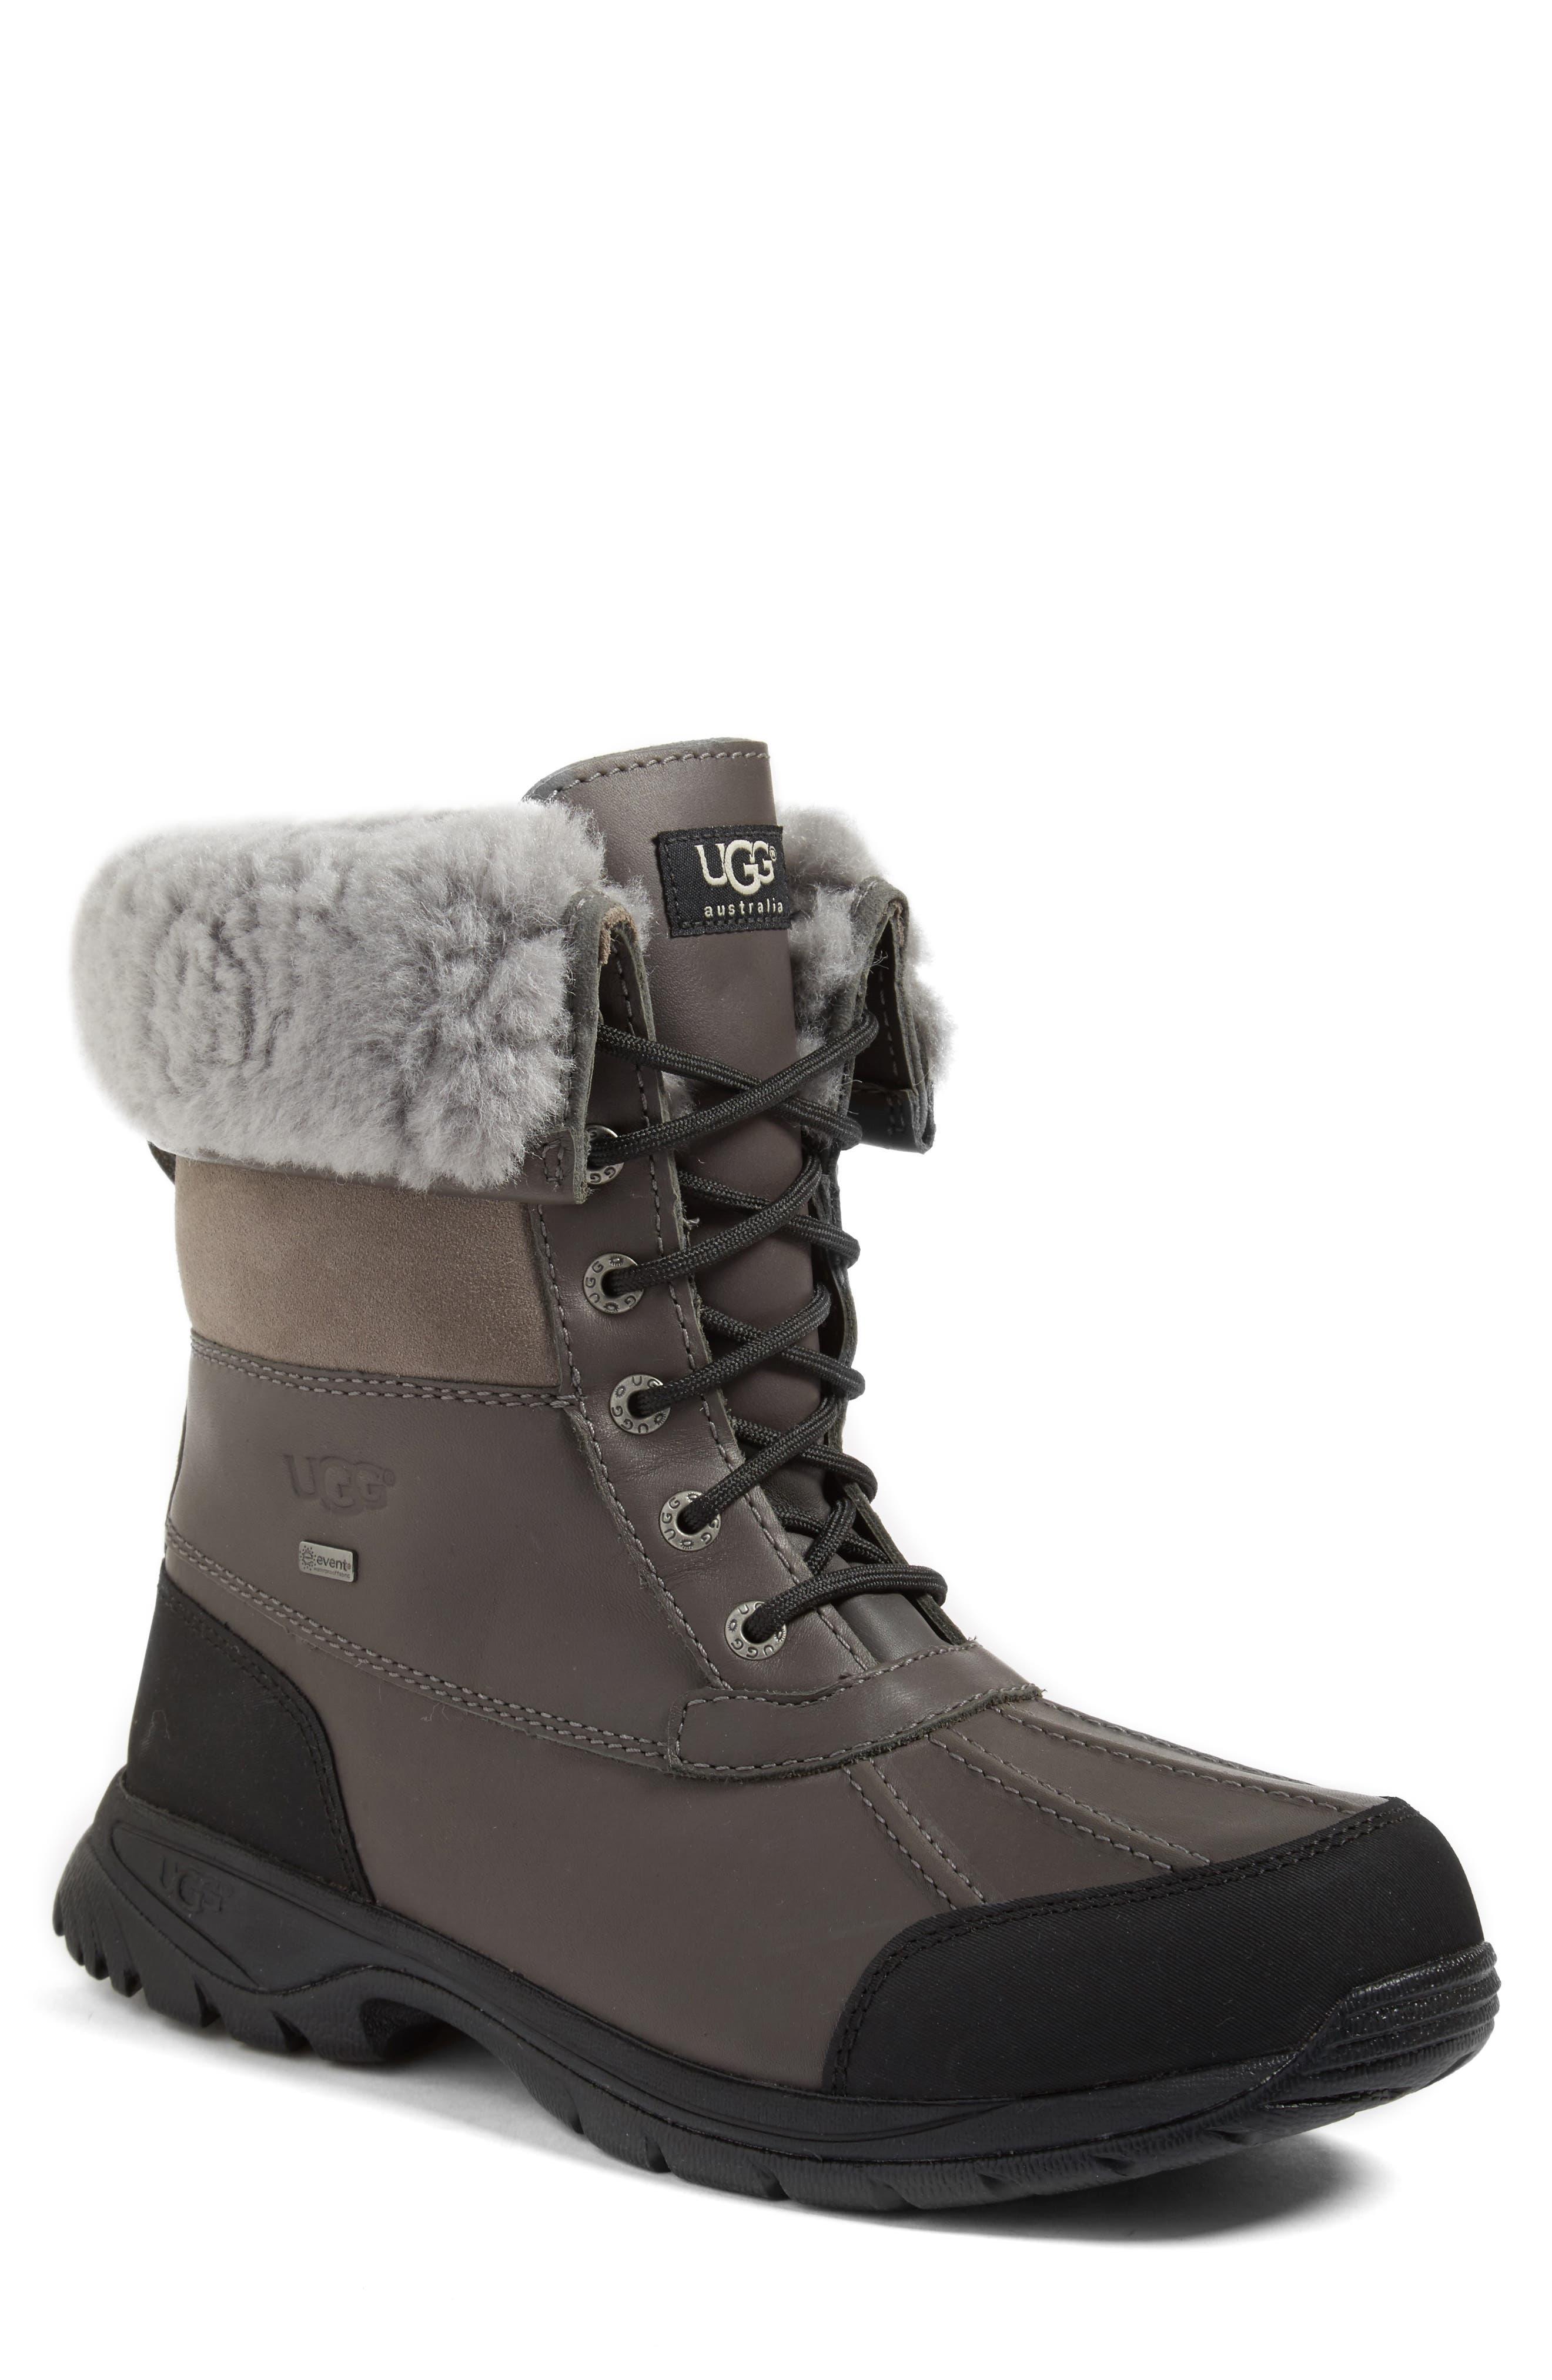 Ugg Butte Waterproof Boot, Grey